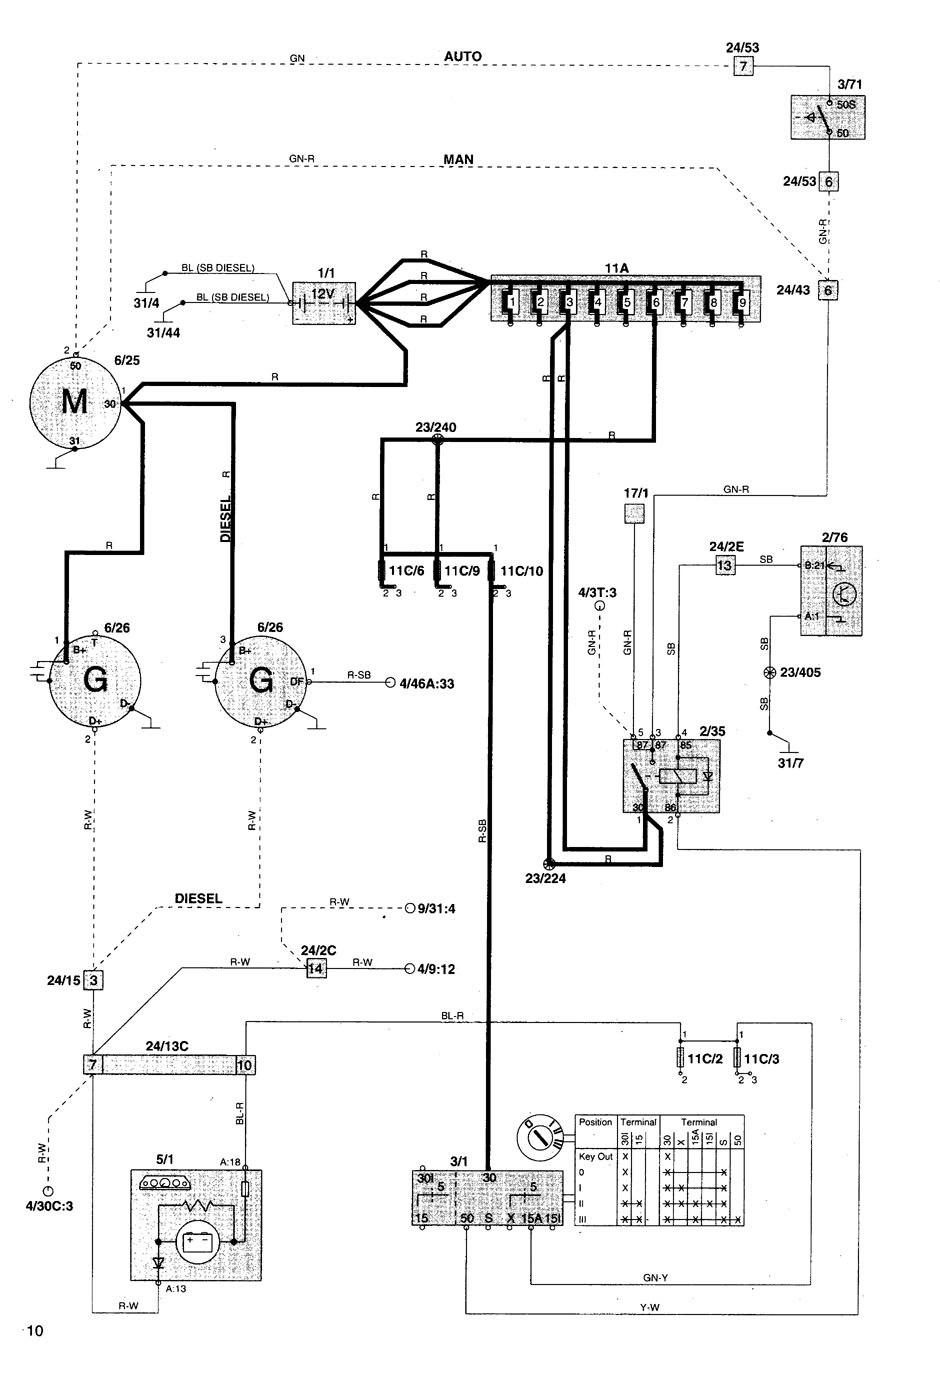 Jeep Cj5 Wiring Diagram 1077 | Wiring Diagram  Jeep Cj Wiring Diagram on sw gauges wiring-diagram, 1985 jeep cj7 wiring-diagram, 79 jeep cj7 wiring-diagram, jeep tj wiring-diagram, jeep cherokee tail light wiring diagram, jeep cj7 belt diagram, jeep cherokee vacuum line diagrams, isuzu trooper wiring-diagram, 1977 jeep cj7 wiring-diagram, jeep patriot wiring-diagram, jeep liberty wiring-diagram, pontiac bonneville wiring-diagram, jeep jk wiring-diagram, jeep xj wiring-diagram, jeep cj3b wiring-diagram, 1973 mgb wiring-diagram, jeep to chevy wiring harness, jeep wagoneer wiring-diagram, 1979 jeep cj7 wiring-diagram, 2004 chrysler sebring wiring-diagram,